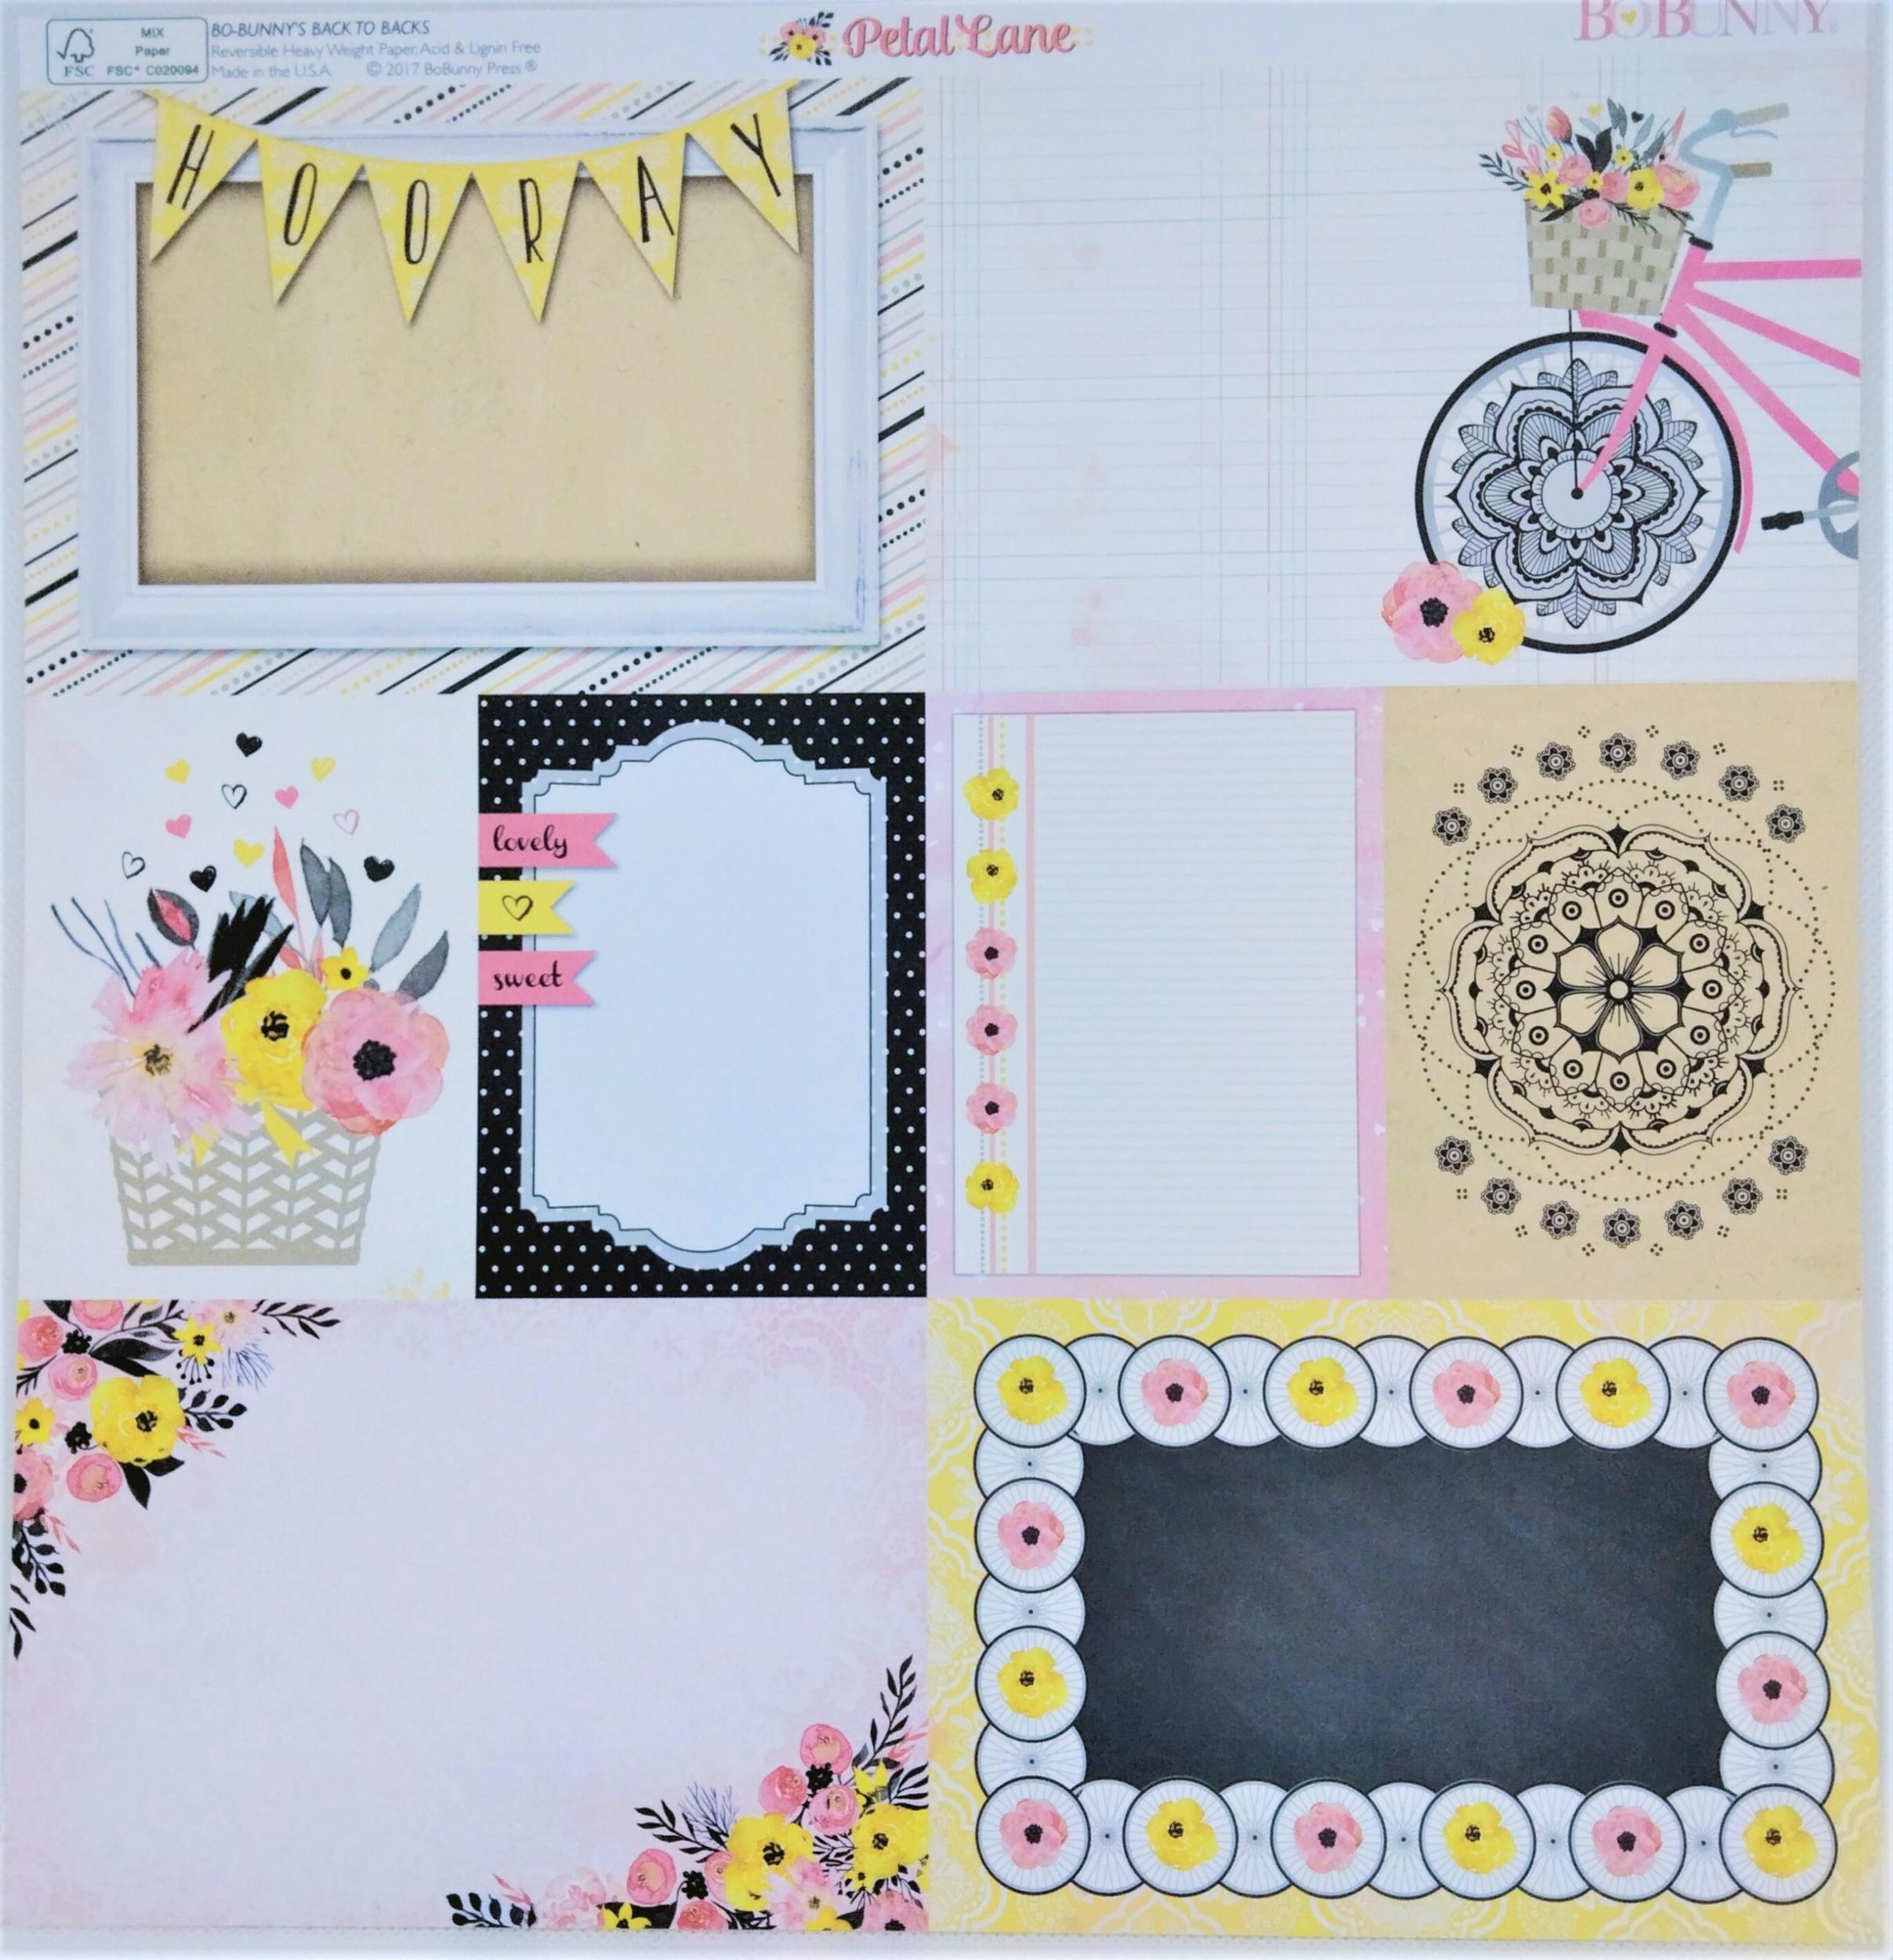 Planche double face 30.5 x 30.5 cms -160 g/m2 - Collection Petal Lane - Love Notes